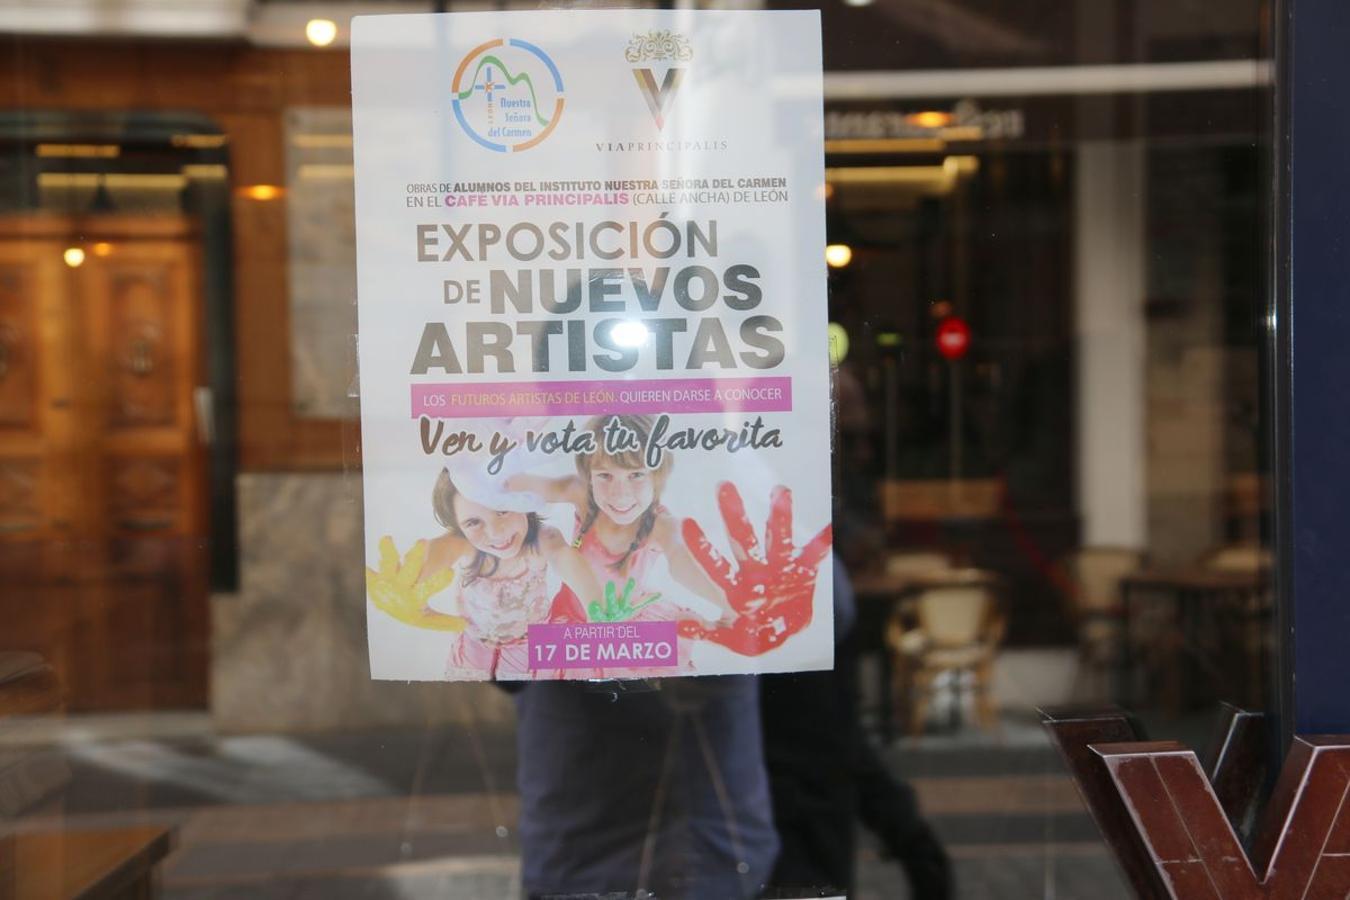 Exposición alumnos de Carmelitas Vedruna en el Vía Principalis